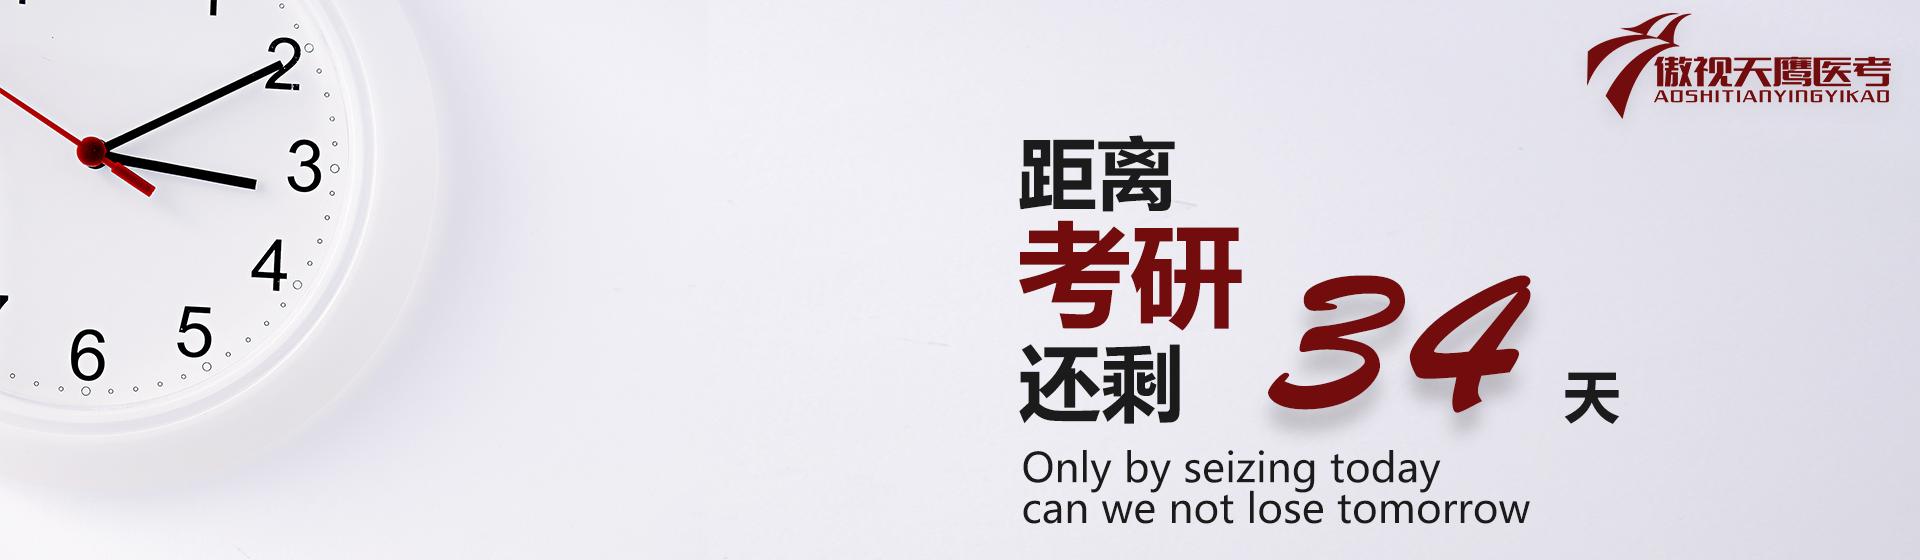 英语句子翻译练习  DAY 1